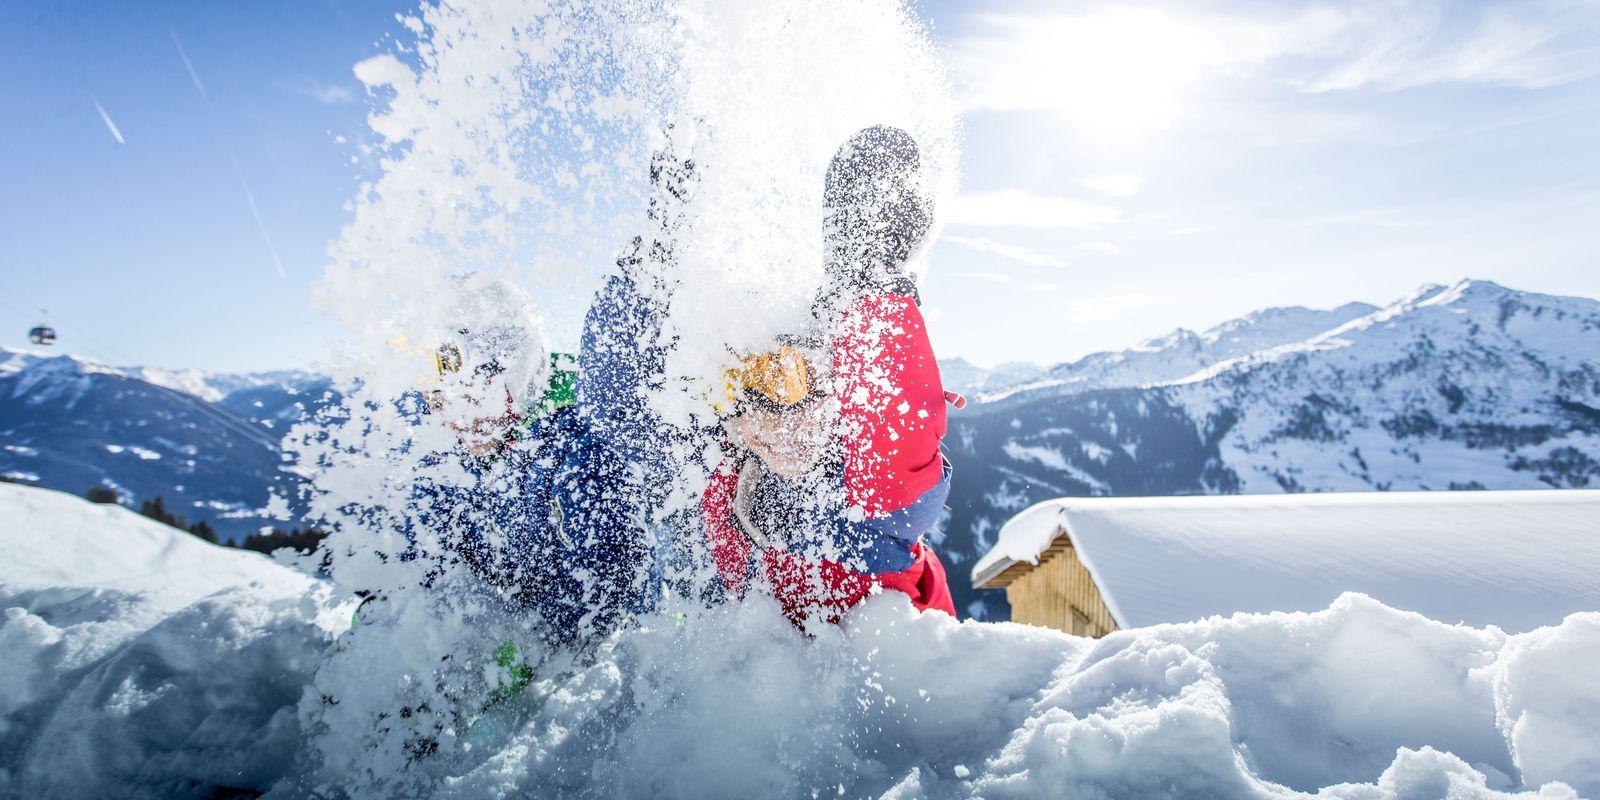 Kinder werfen mit Schnee um sich, Sonne und Berglandschaft im Hintergrund